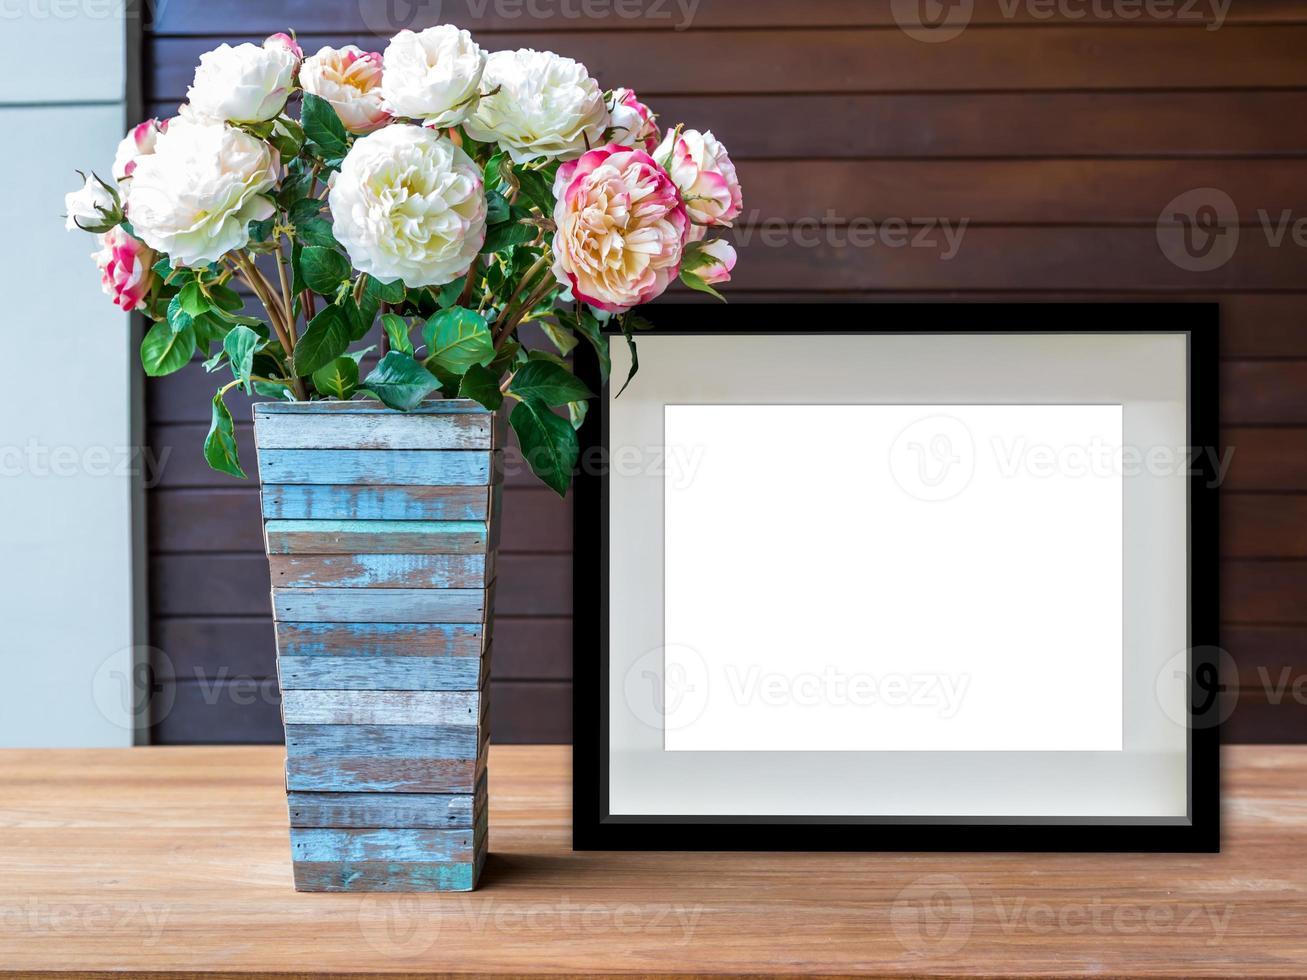 jarrón de flores y marco negro en blanco sobre escritorio de madera foto